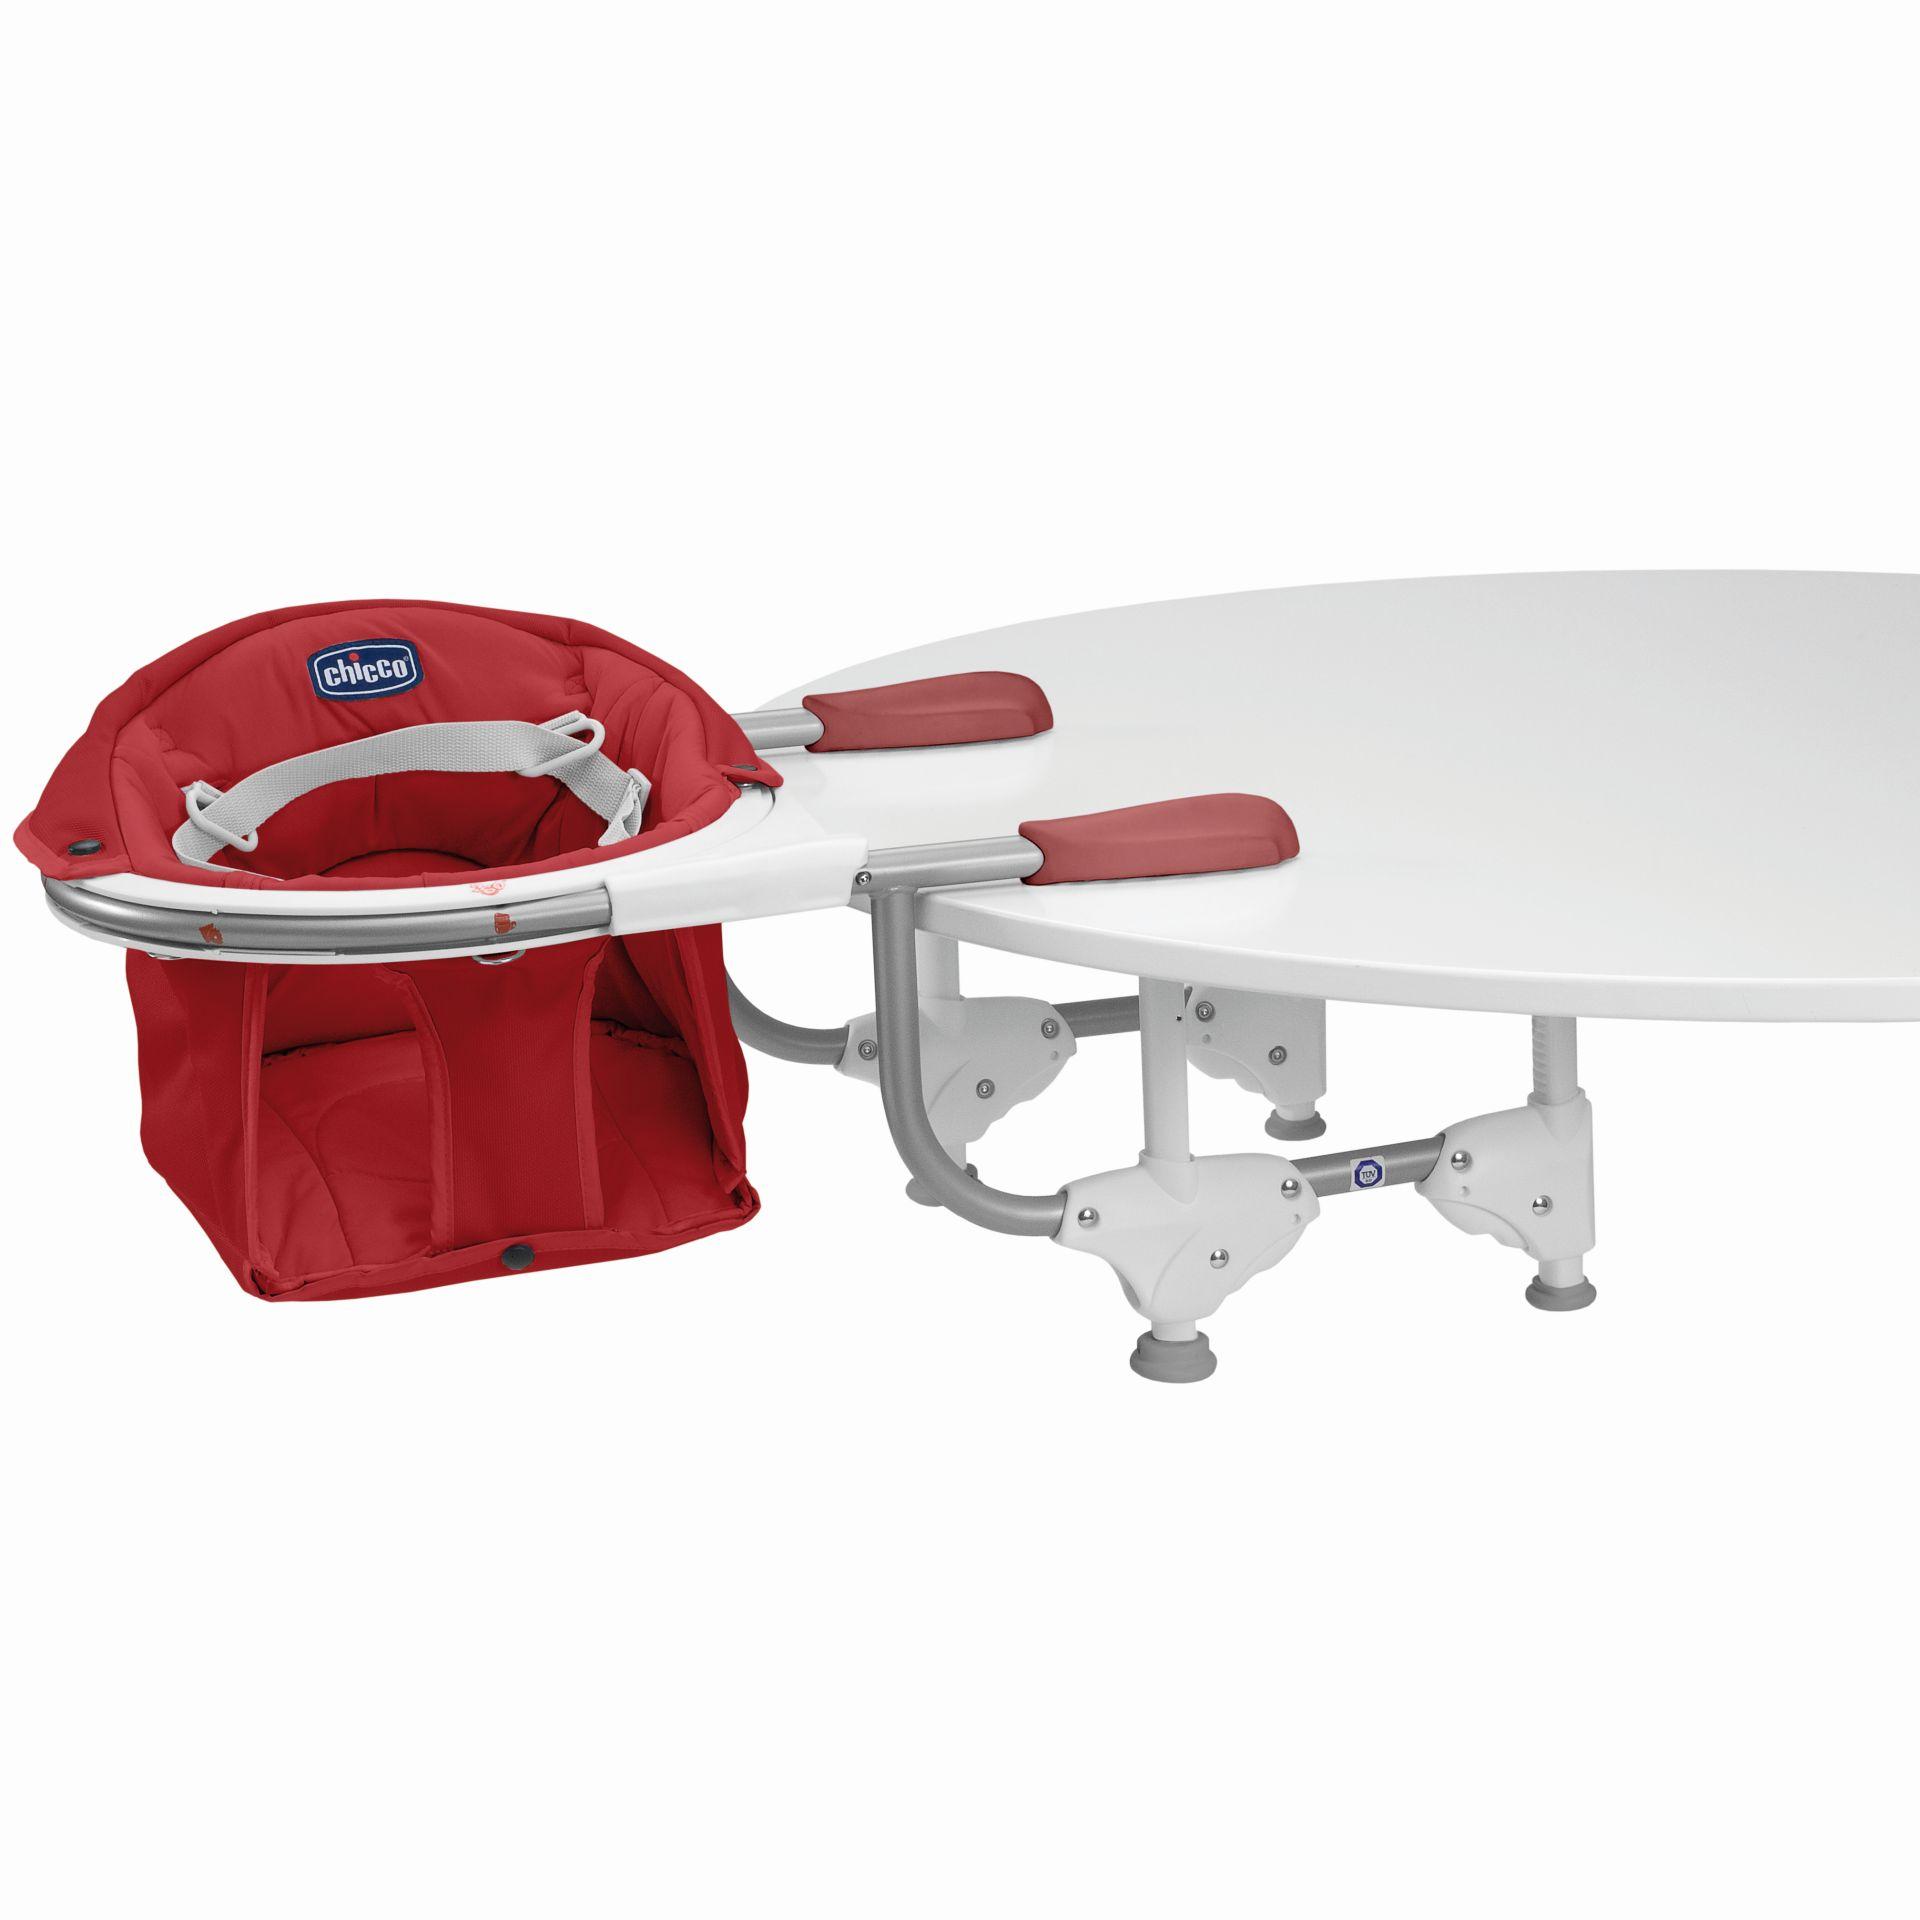 Chicco 360 Hook On Chair 2017 Scarlet  Buy at kidsroom